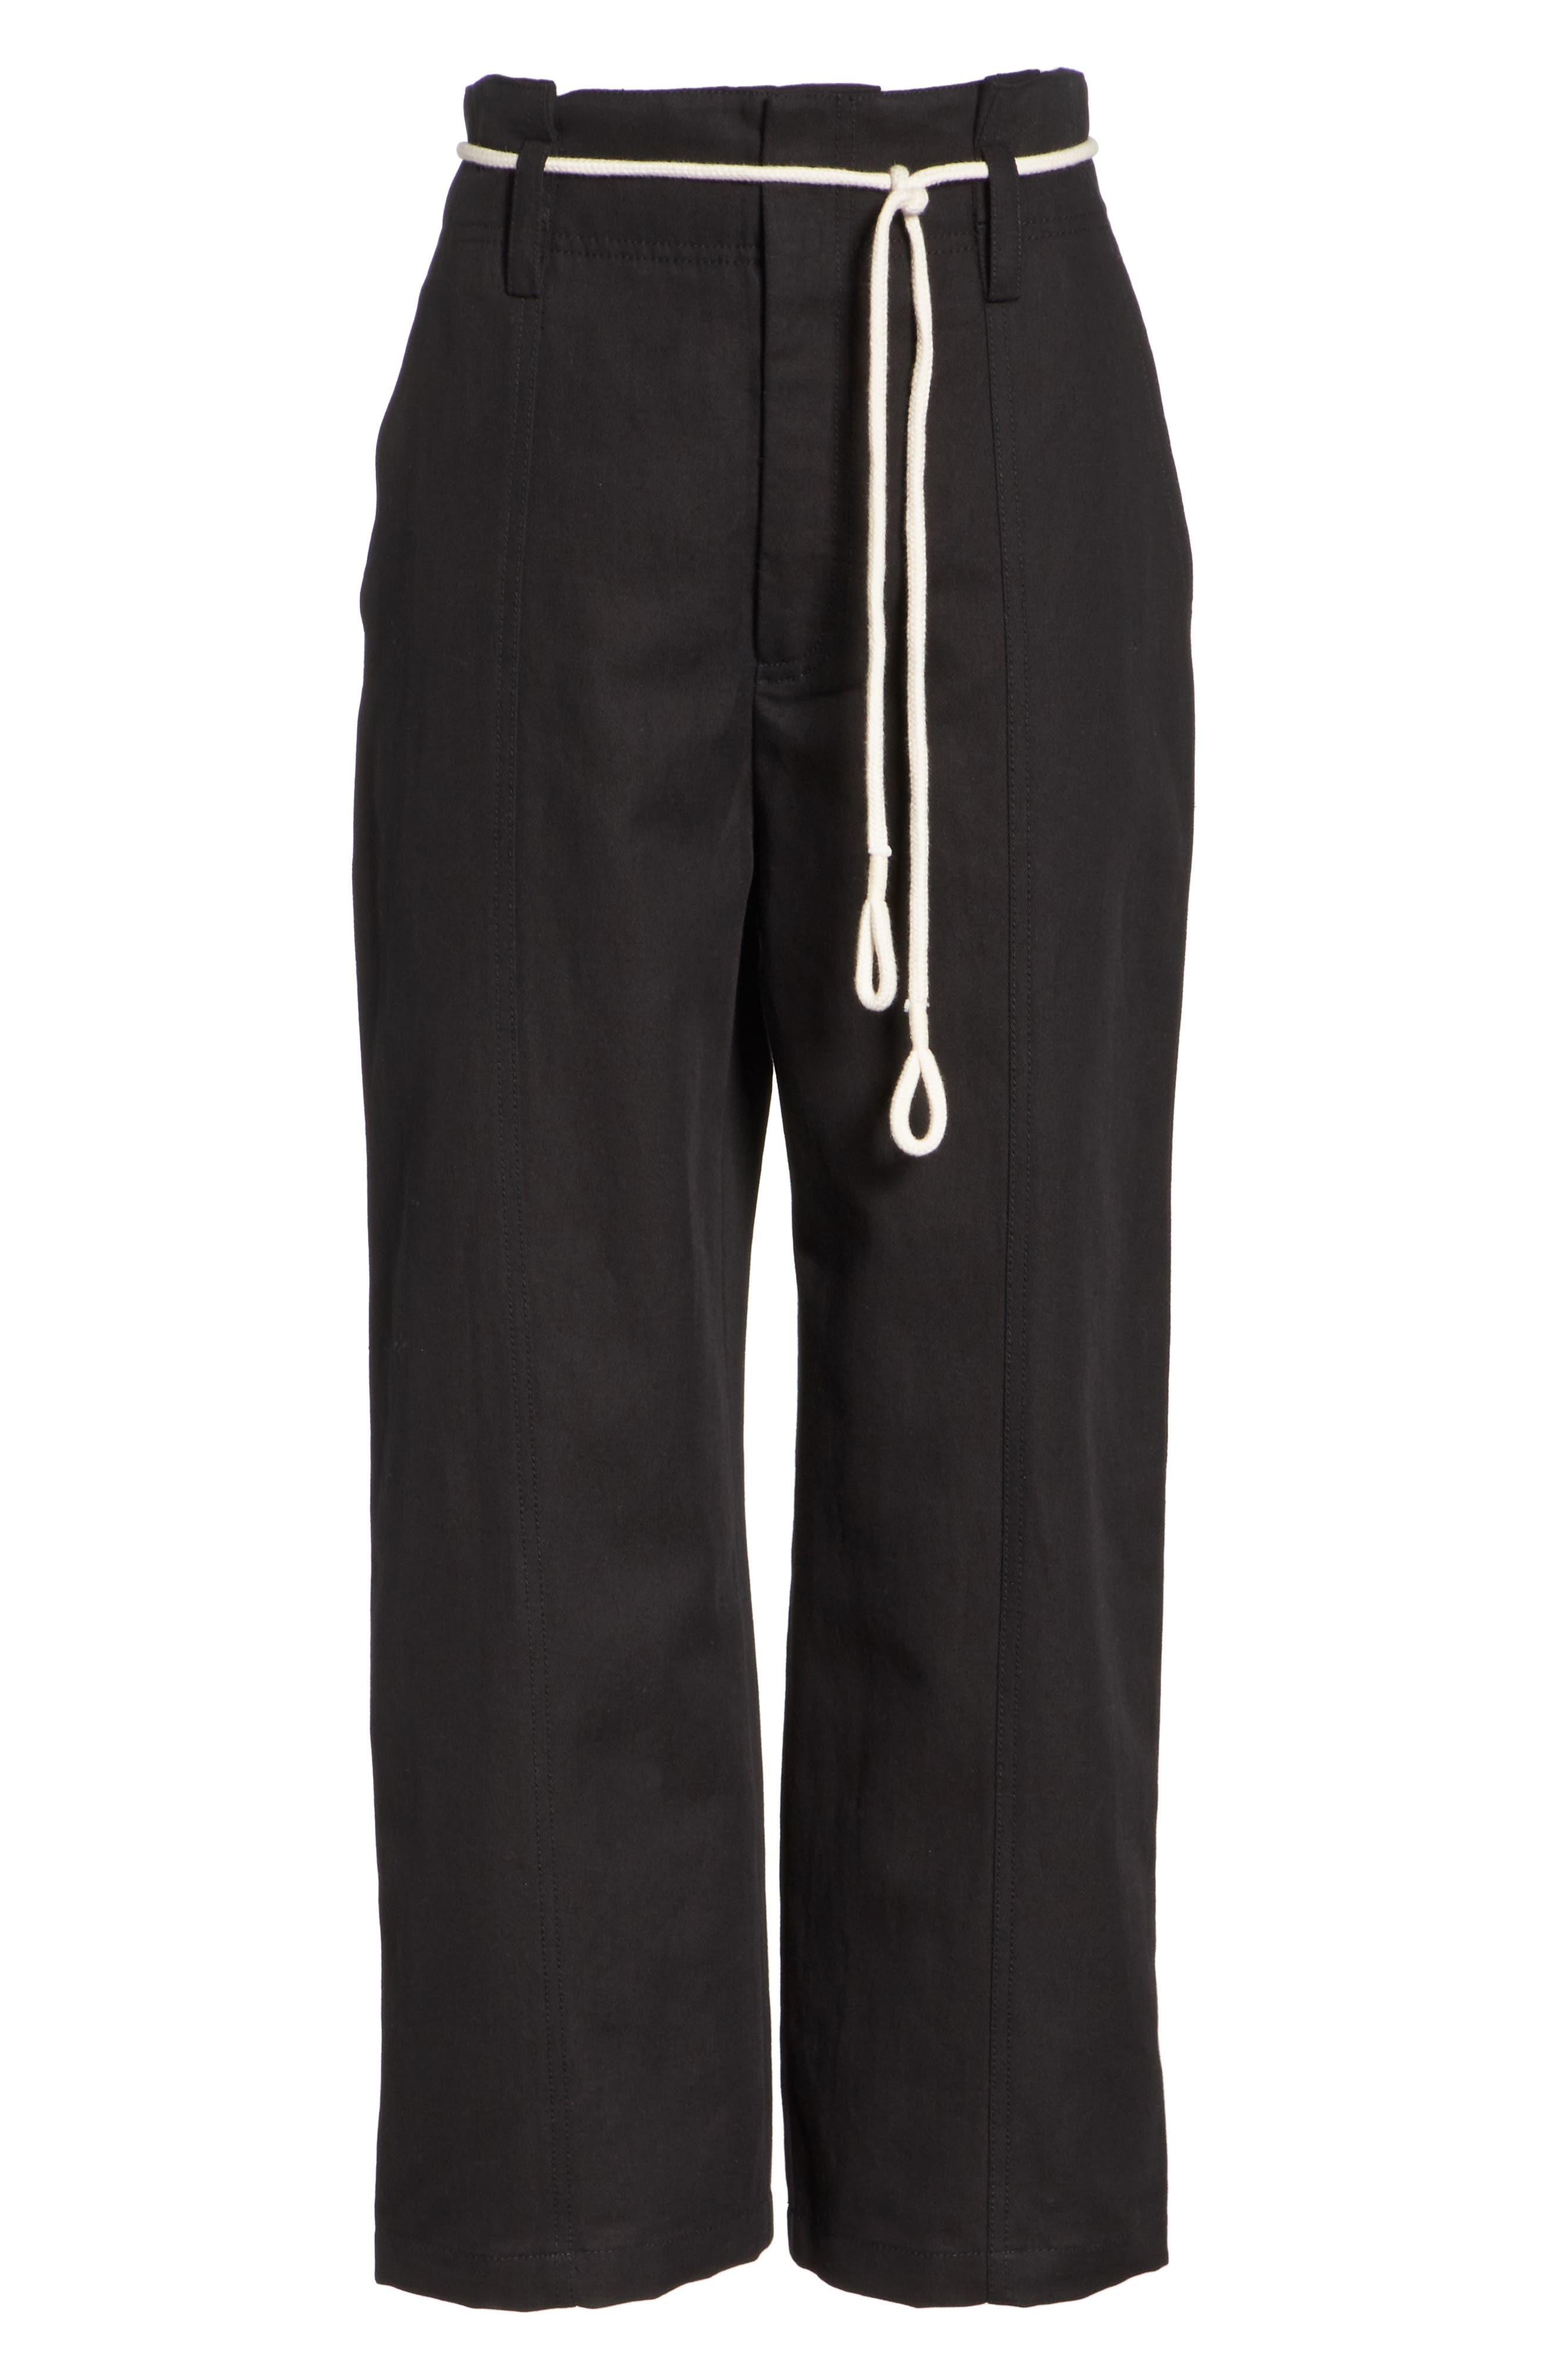 High Rise Linen Cotton Crop Pants,                             Alternate thumbnail 6, color,                             BLACK